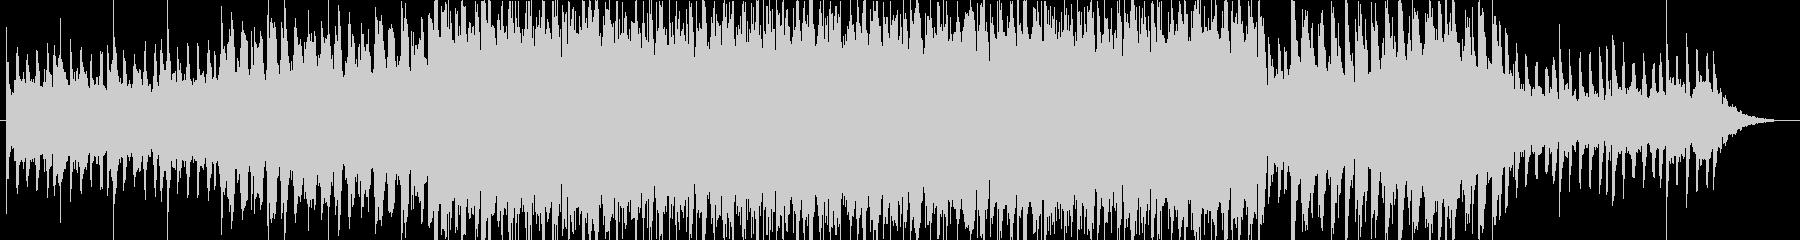 ストーリー性豊かなトロピカルハウス曲・Hの未再生の波形